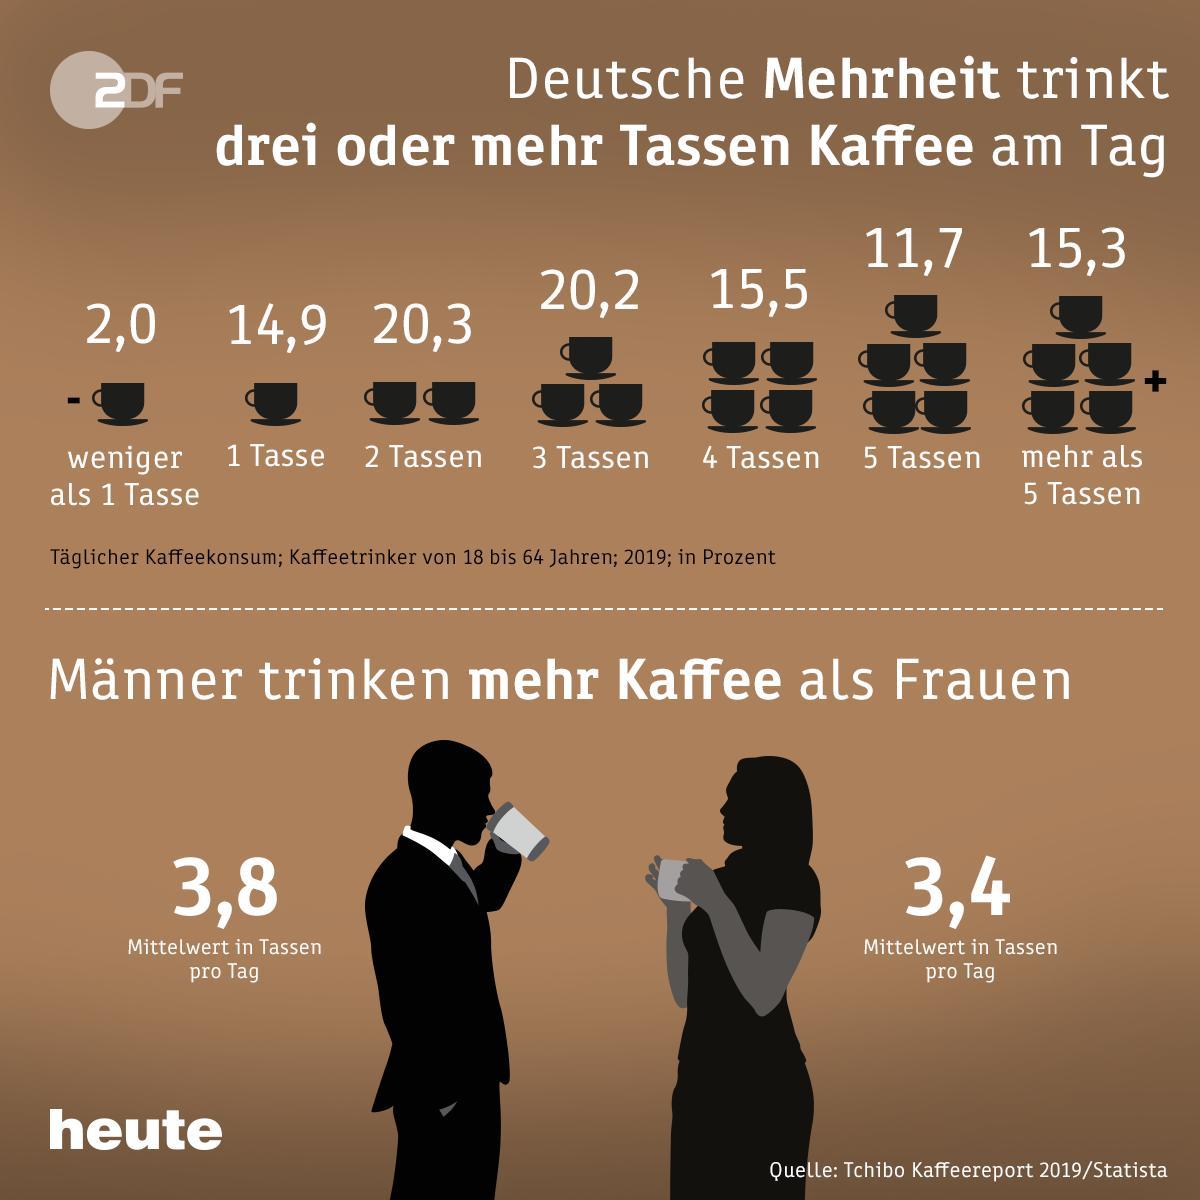 Das Bild zeigt grafisch, wie viele Tassen Kaffee die Deutschen am Tag trinken. 2 Prozent trinken weniger als 1 Tasse, 14,9 Prozent trinken 1 Tasse, 20,3 Prozent trinken 2 Tassen, 20,2 Prozent trinken 3 Tassen, 15,5 Prozent trinken 4 Tassen, 11,7 Prozent trinken 5 Tassen und 15,3 Prozent trinken mehr als 5 Tassen am Tag. Außerdem trinken Männer mehr Kaffee als Frauen.